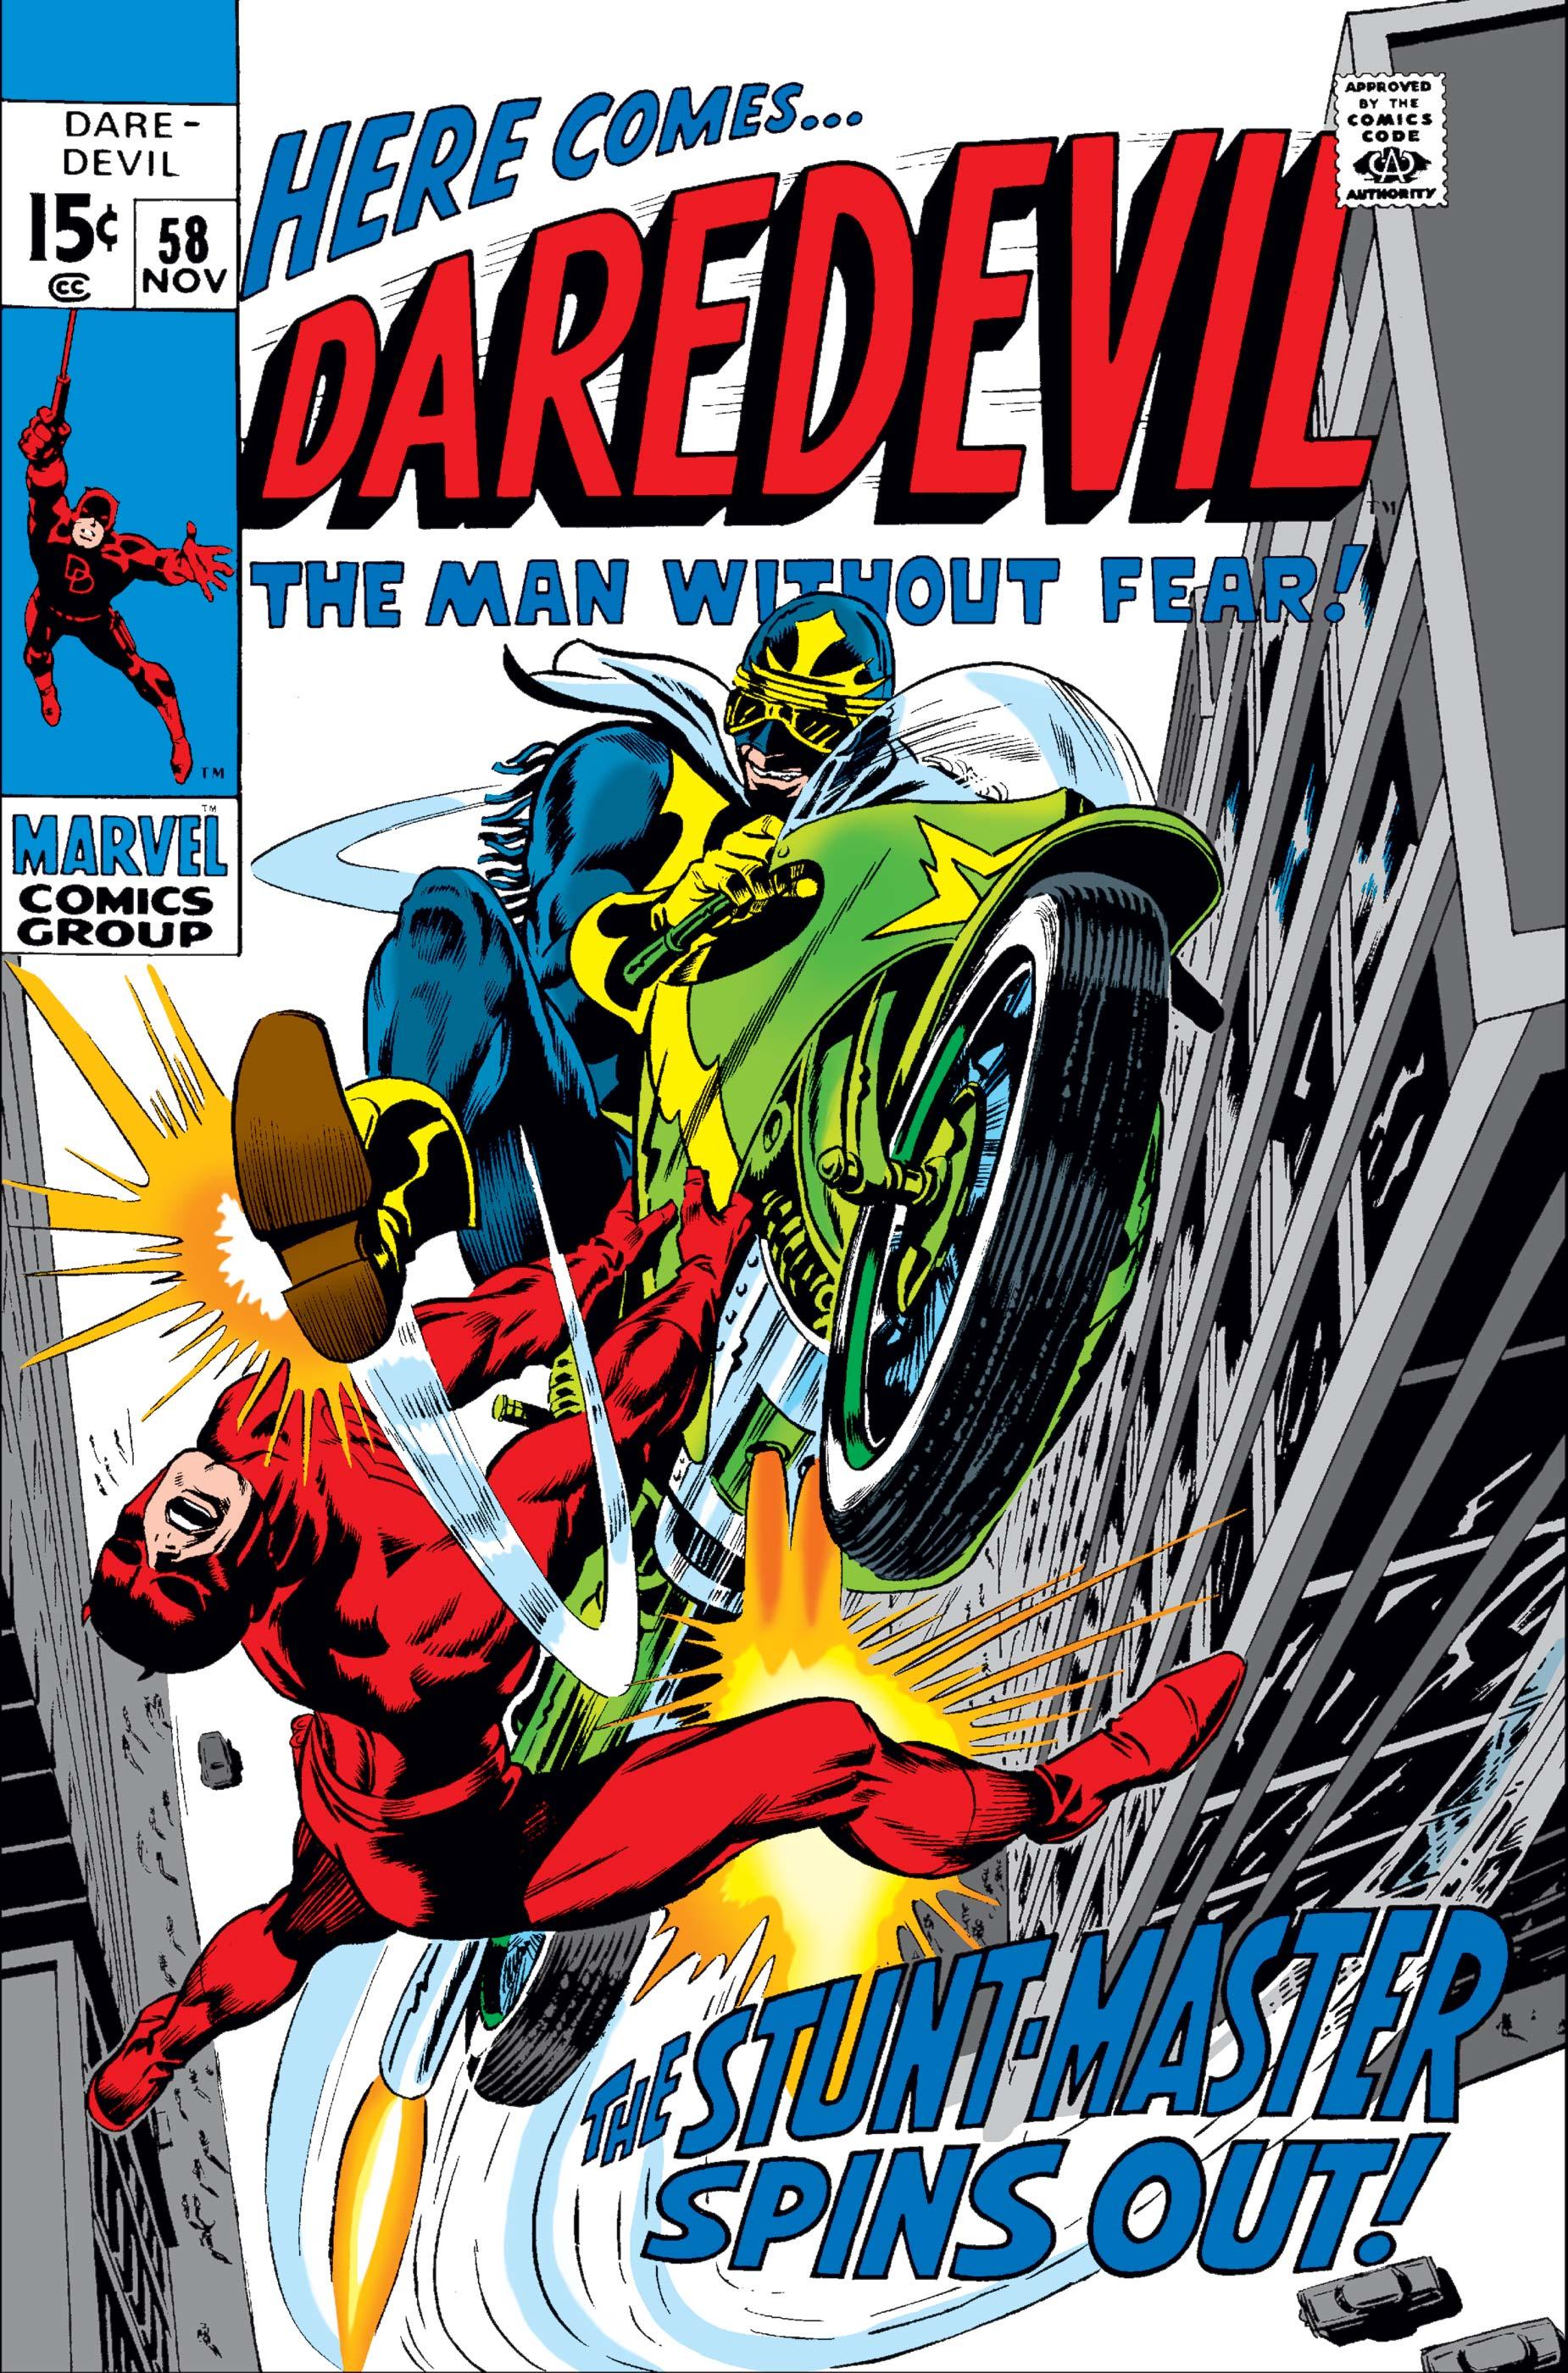 Daredevil (1964) #58